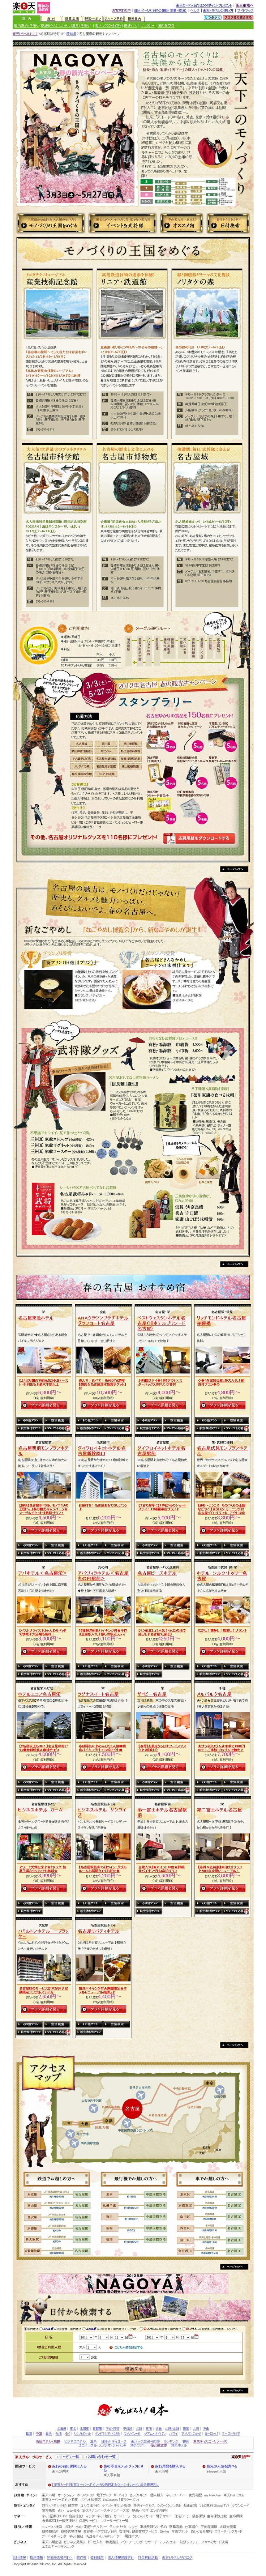 【旅頃】名古屋市観光キャンペーン2012春 和風 ベージュ ピンク 春 http://travel.rakuten.co.jp/movement/aichi/201203/